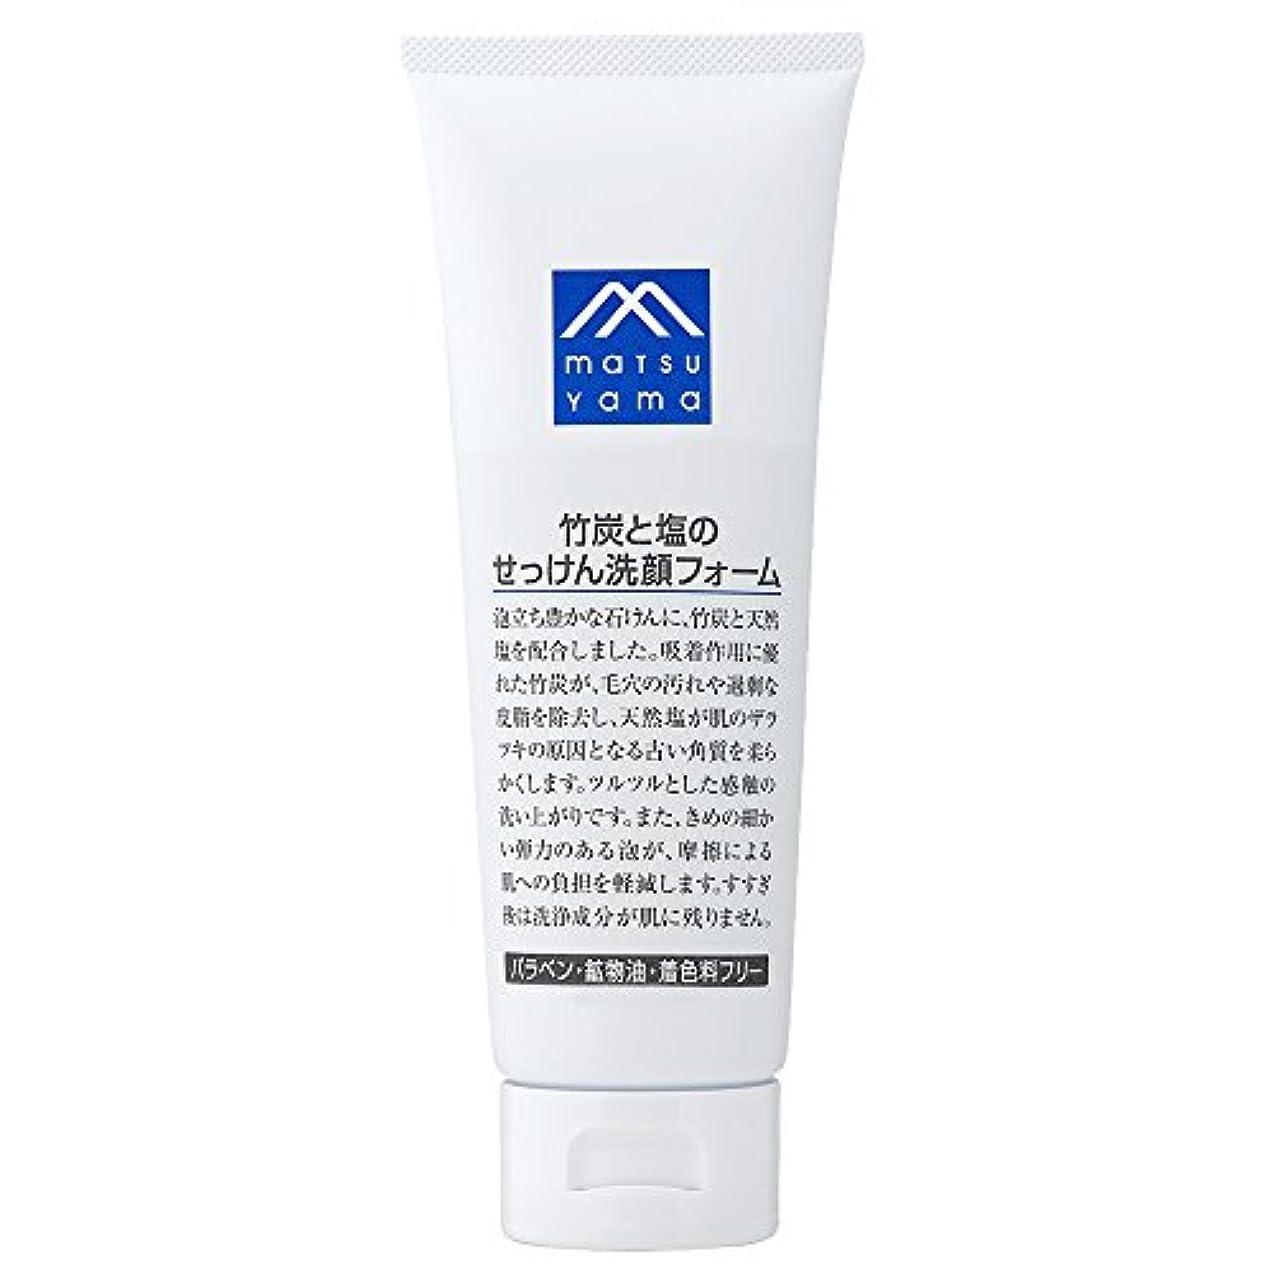 好奇心盛通行人望ましいM-mark 竹炭と塩のせっけん洗顔フォーム